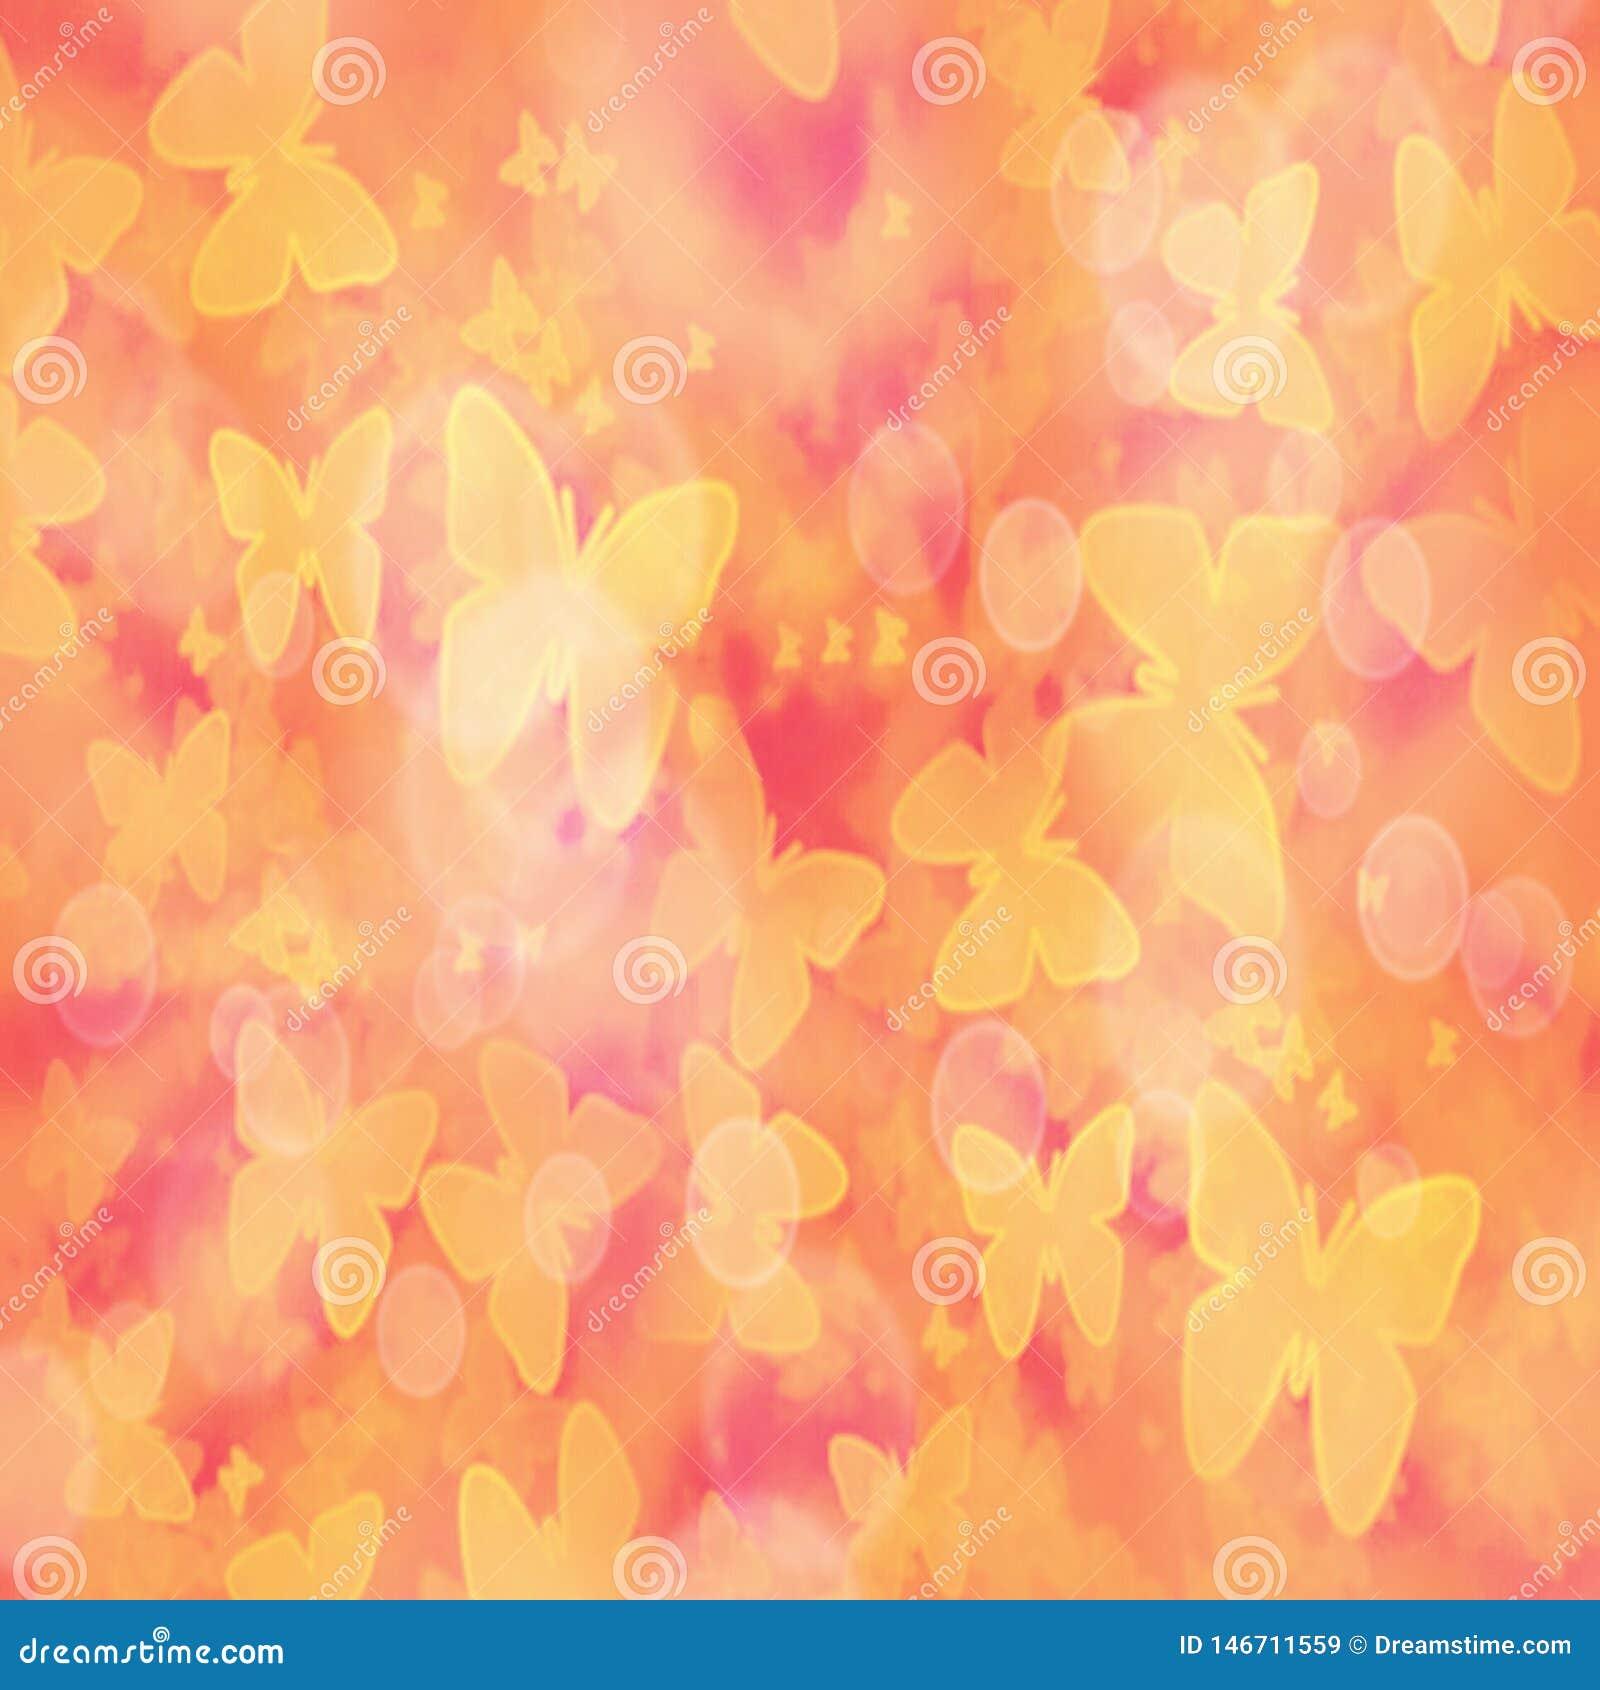 Fondo borroso pendiente abstracta con las mariposas amarillas y el efecto del bokeh